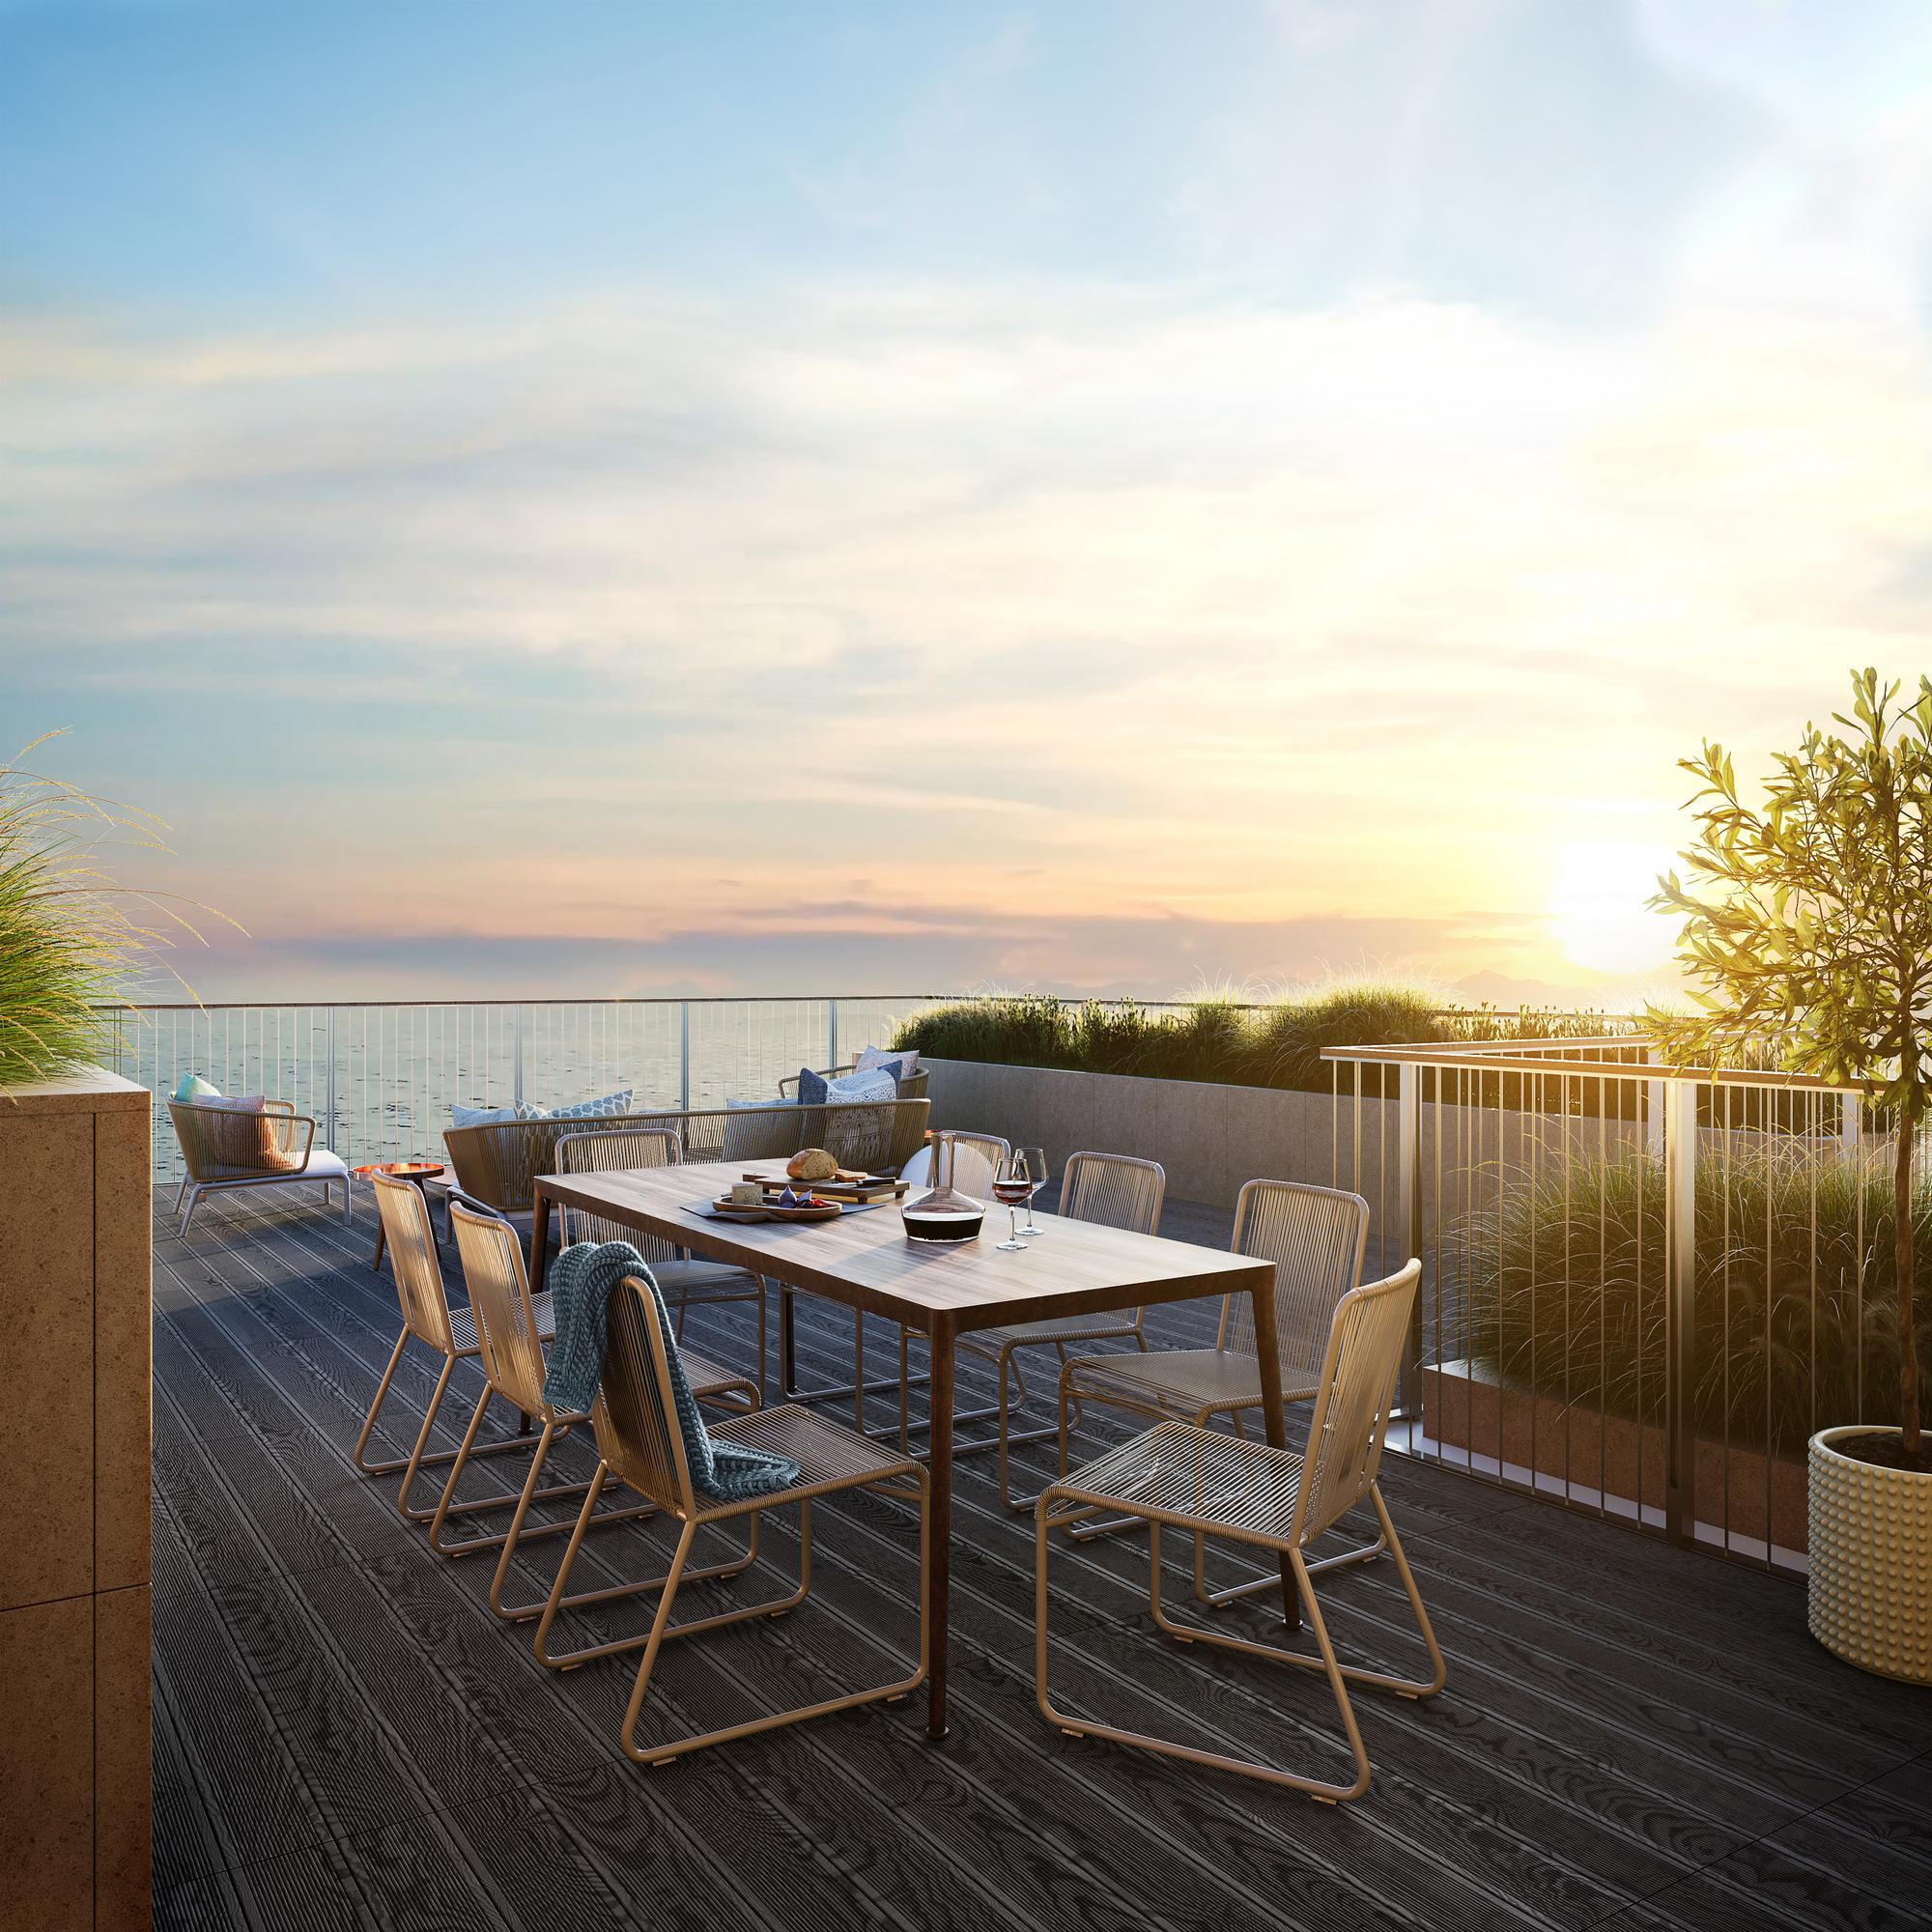 bayline-b1-p5-terrace-sunset